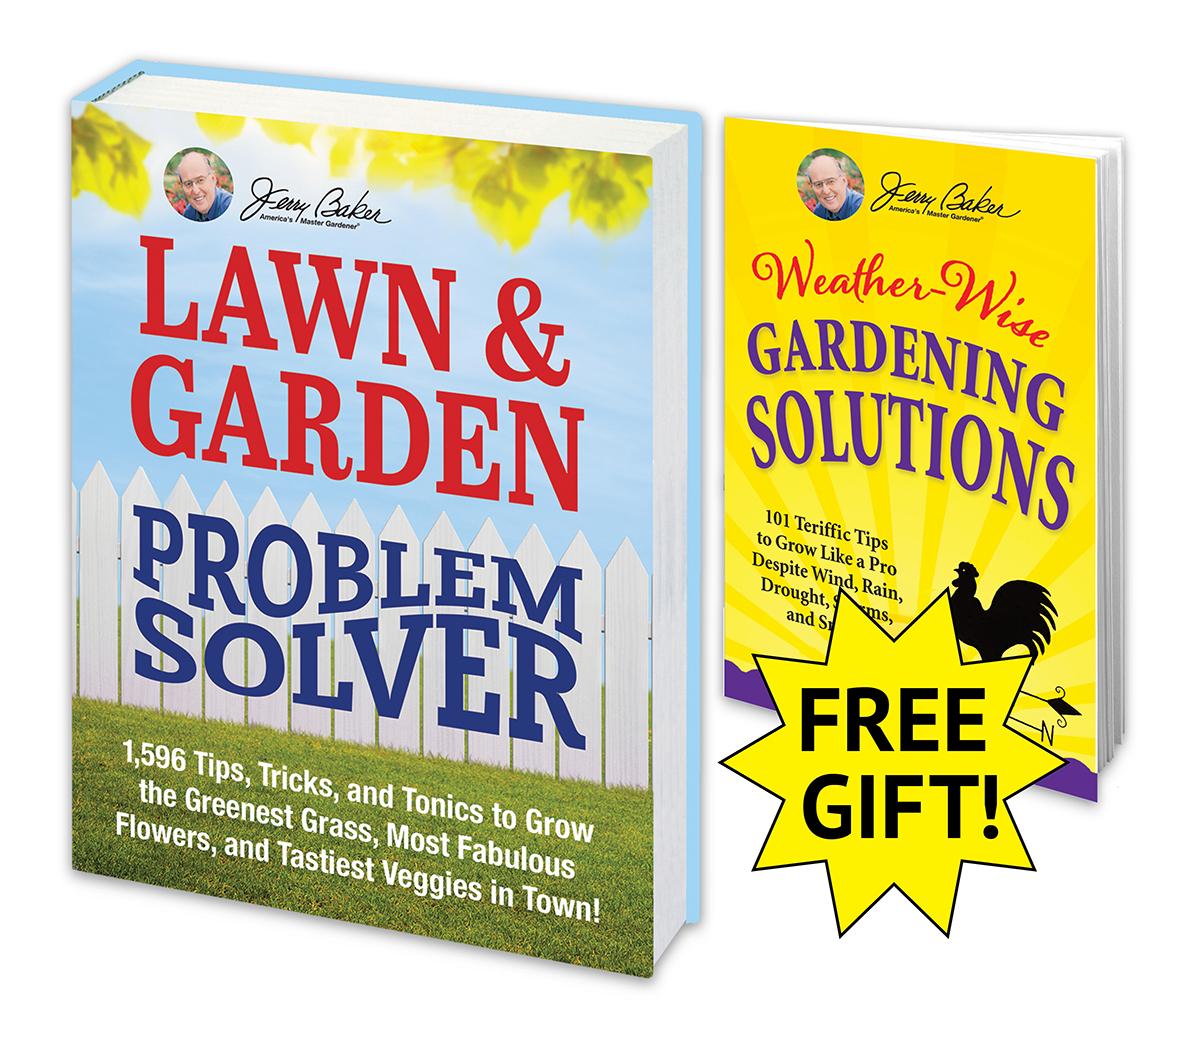 Lawn & Garden Problem Solver